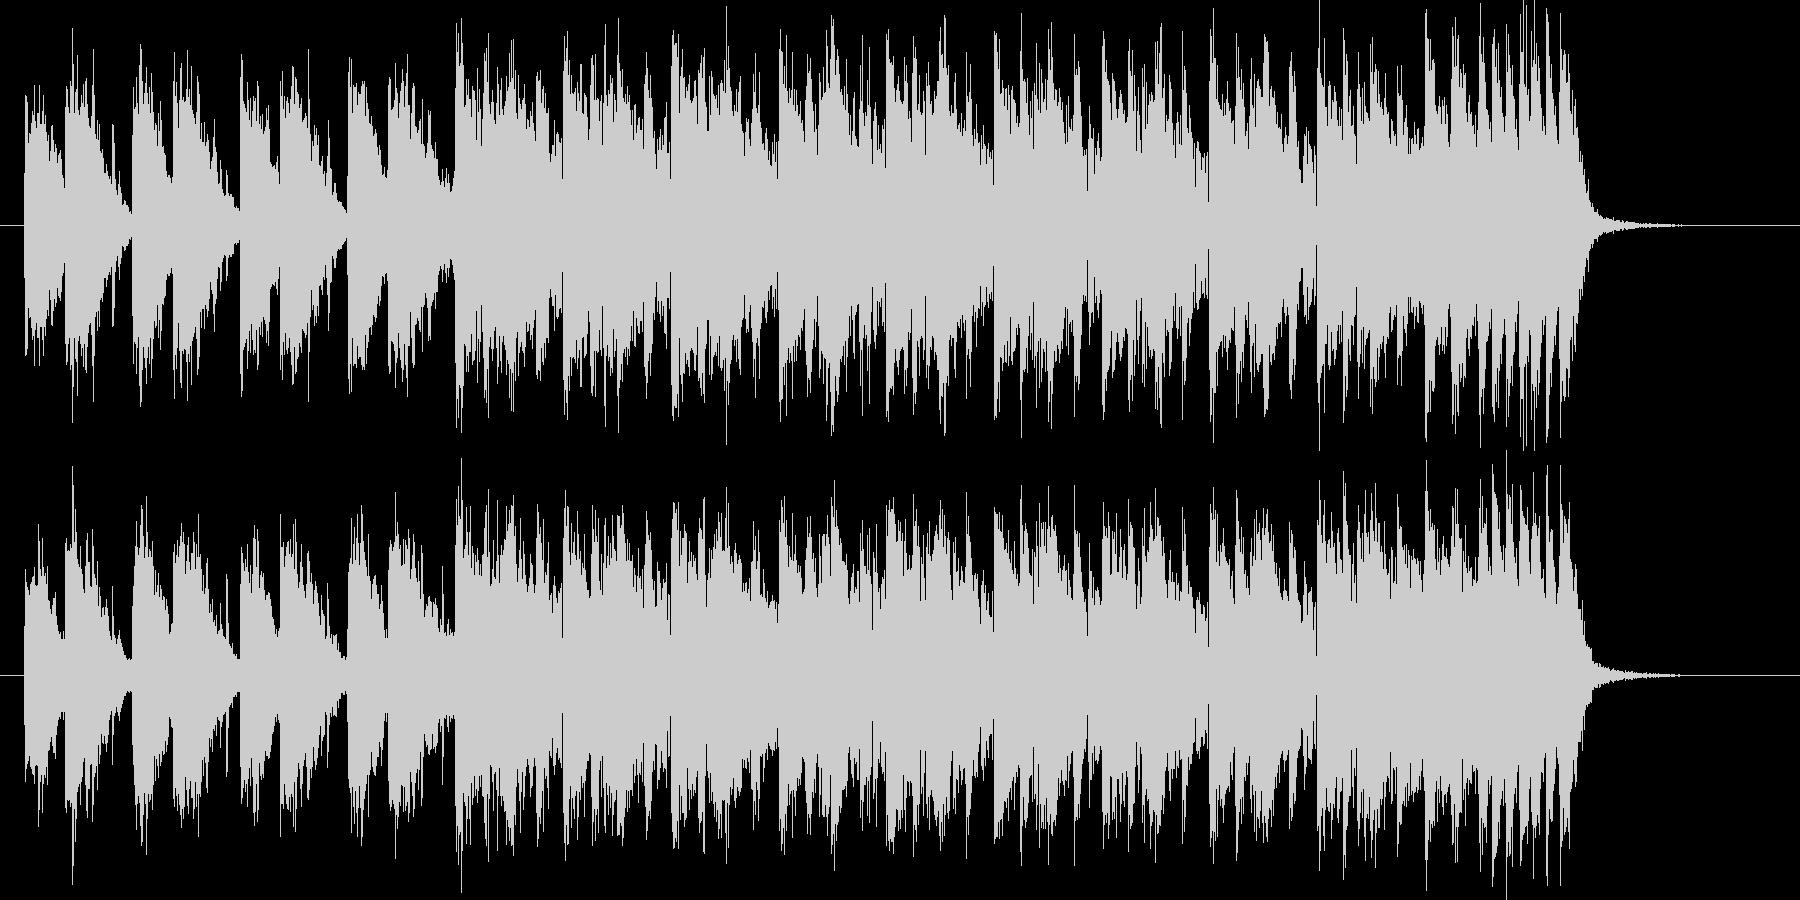 躍動感ある滑らかなシンセポップジングルの未再生の波形